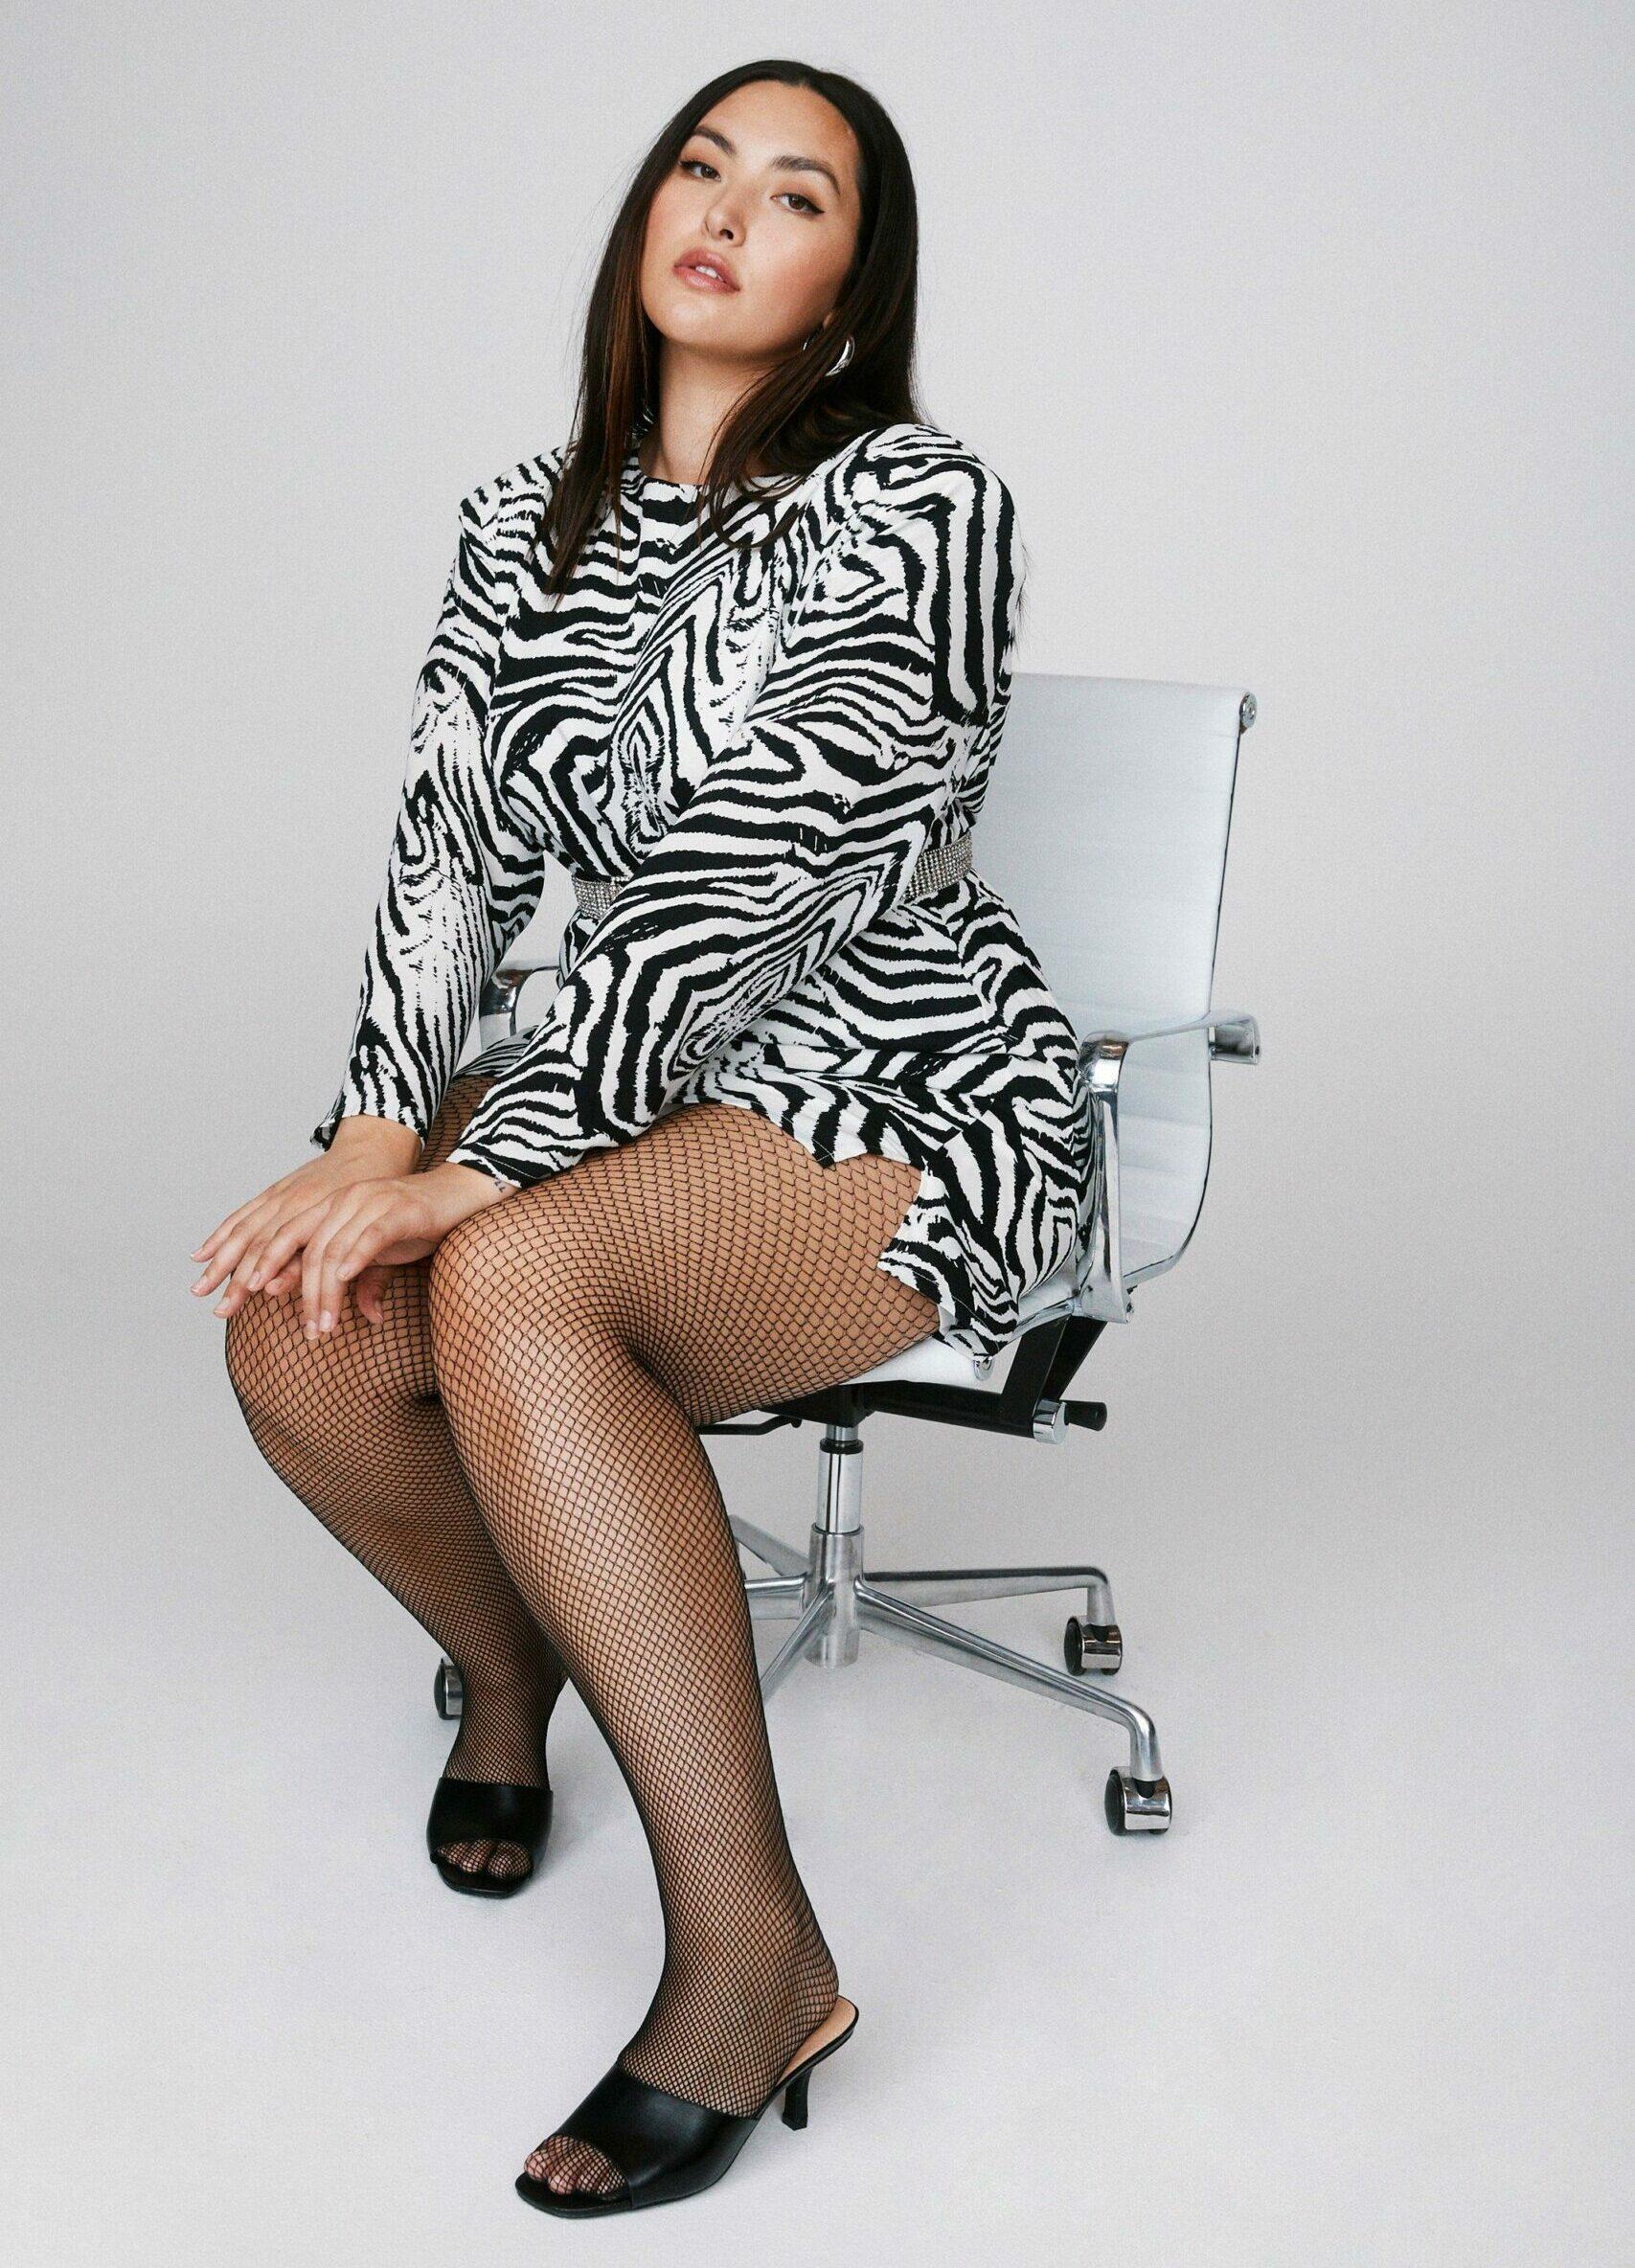 Emrata x Nasty Wild Streak Zebra Plus Dress